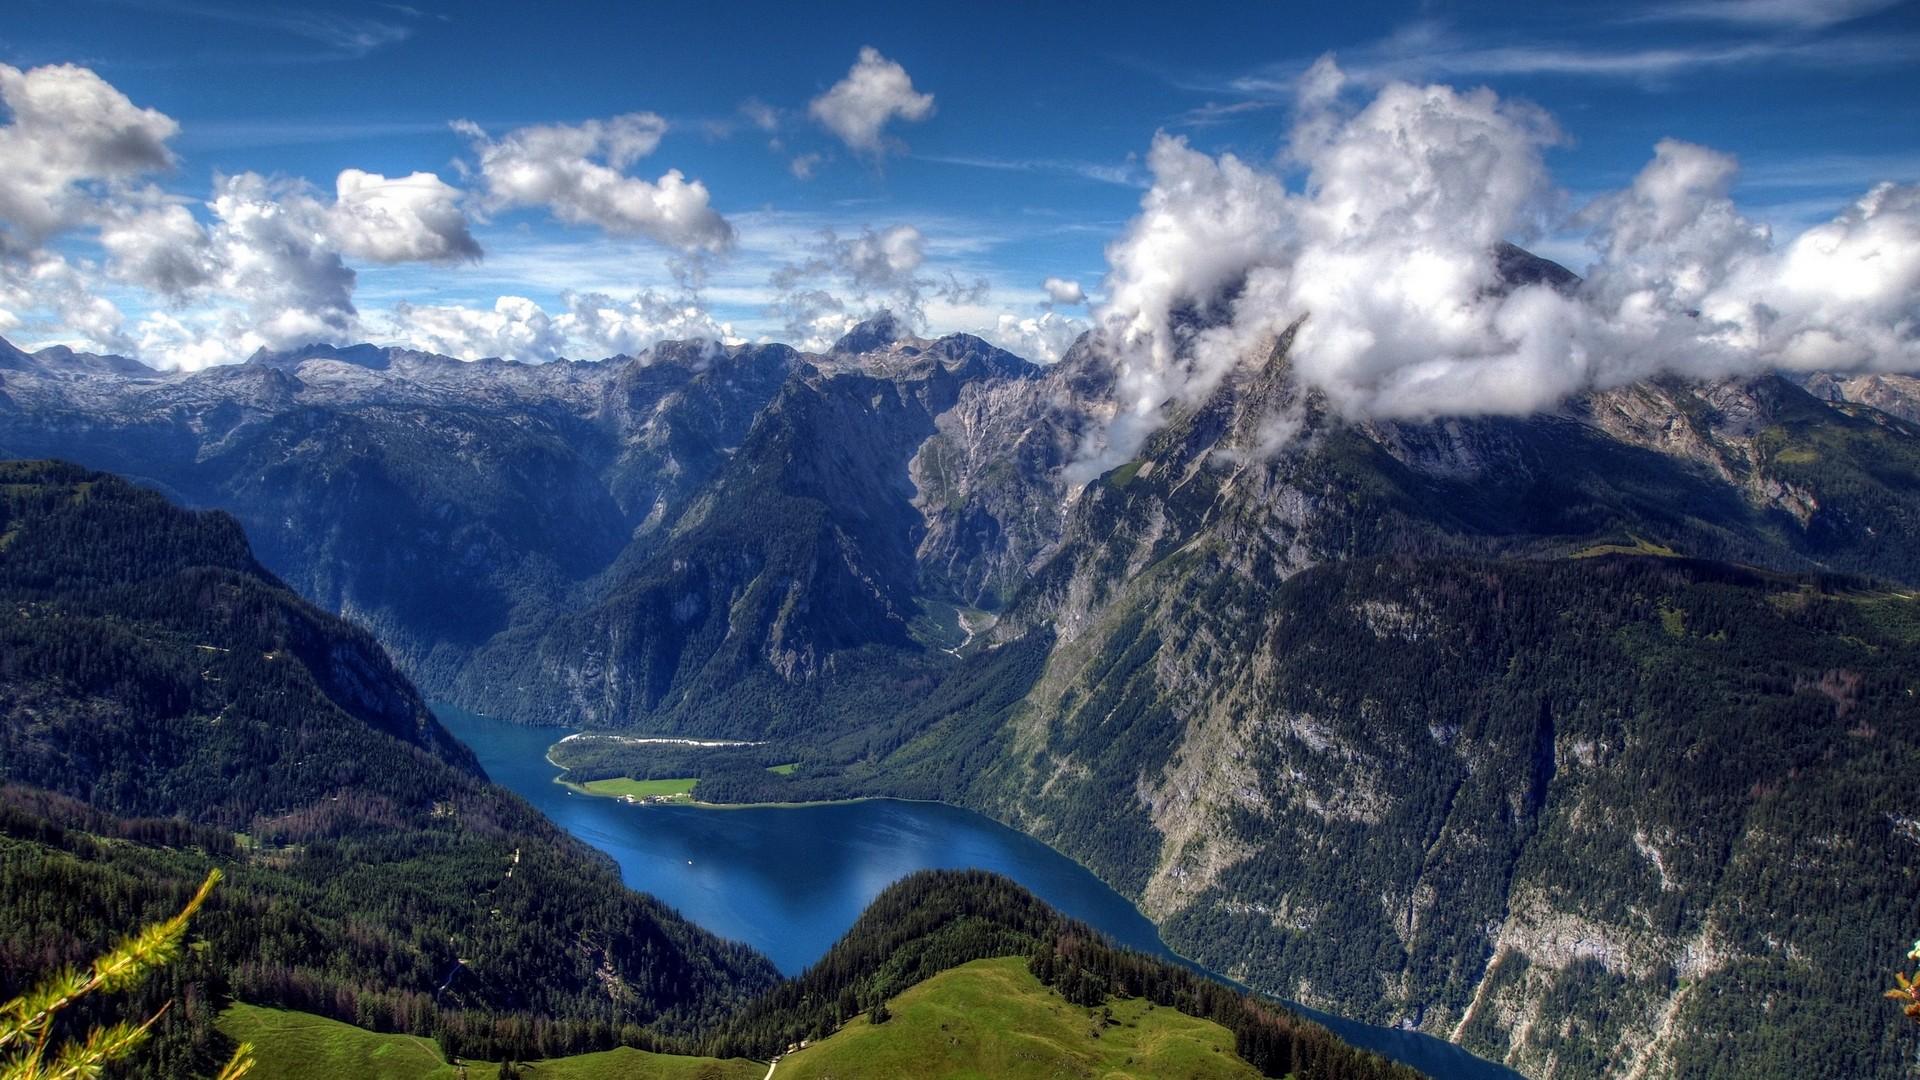 Download 1920x1080 Norwegian Mountains Overlook Wallpaper 1920x1080